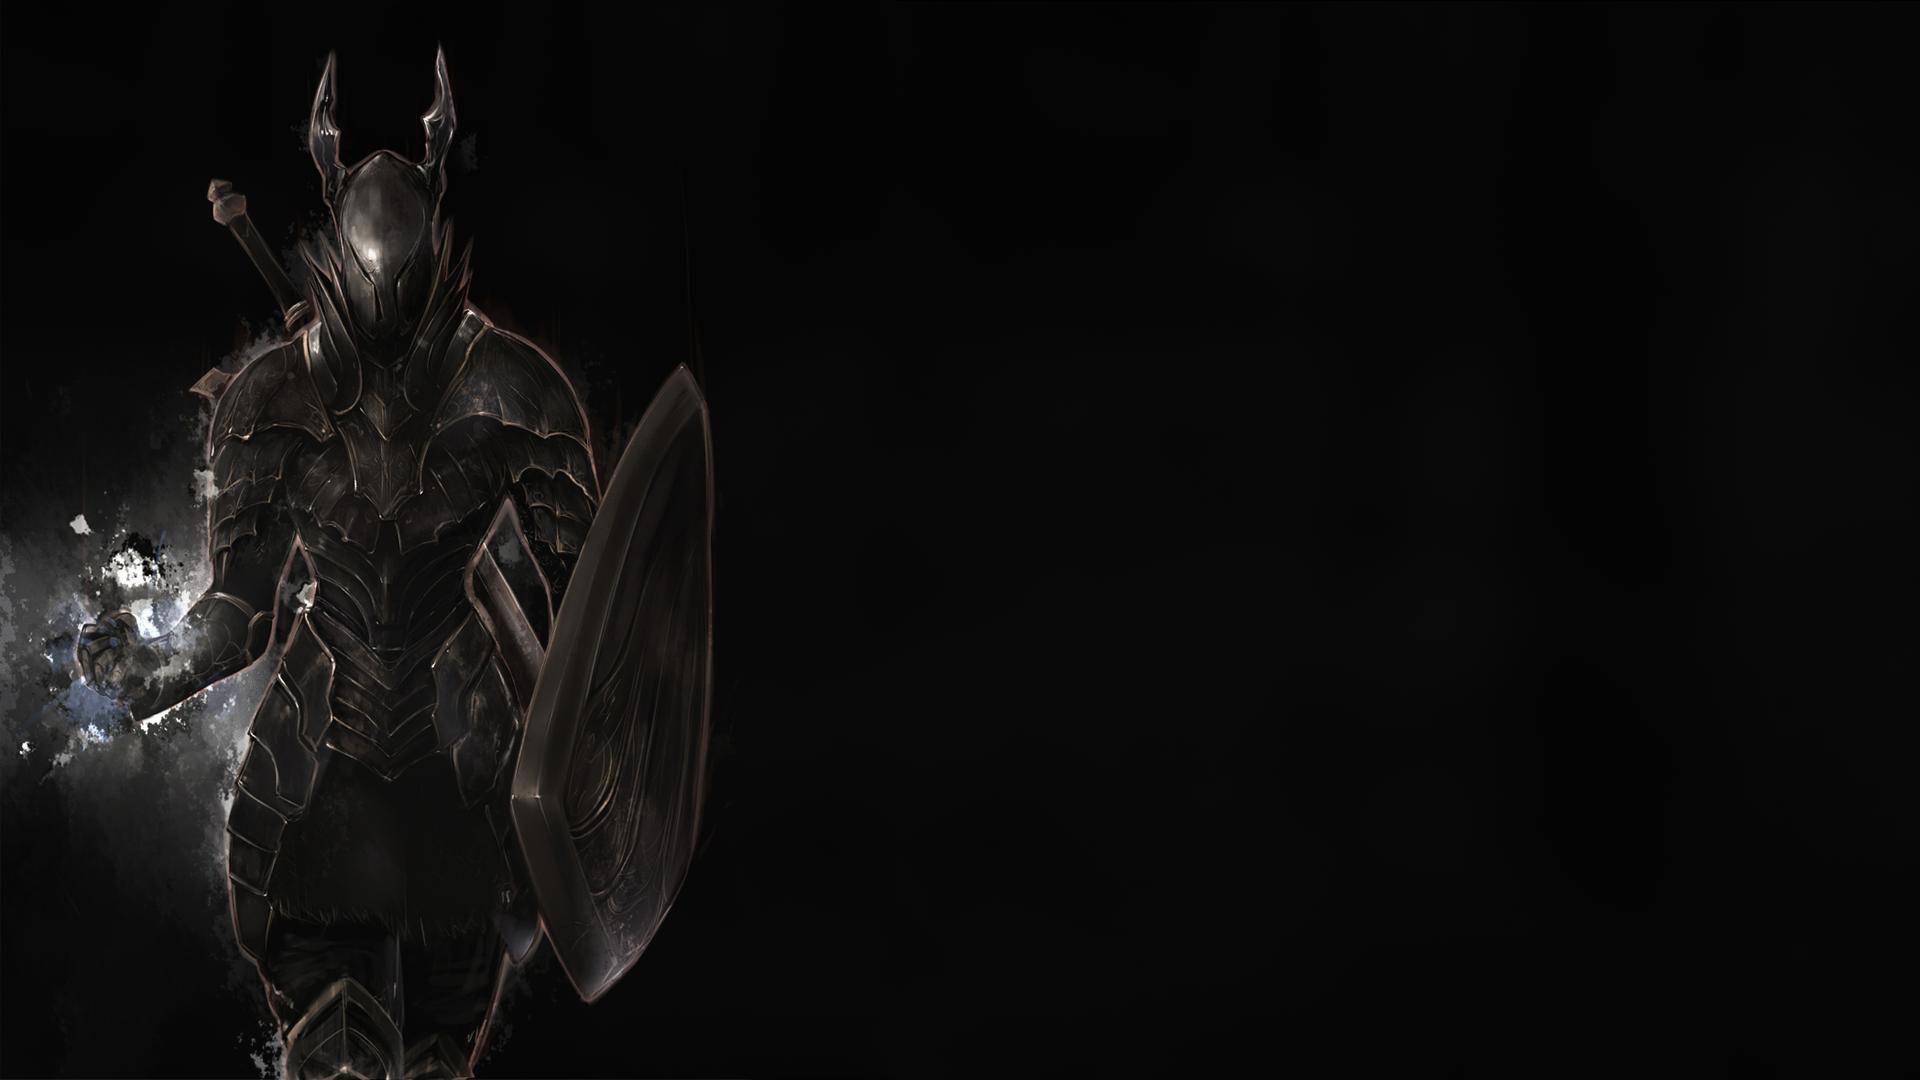 Black Knight Wallpaper 1920x1080 Black Knight Dark Souls 1920x1080